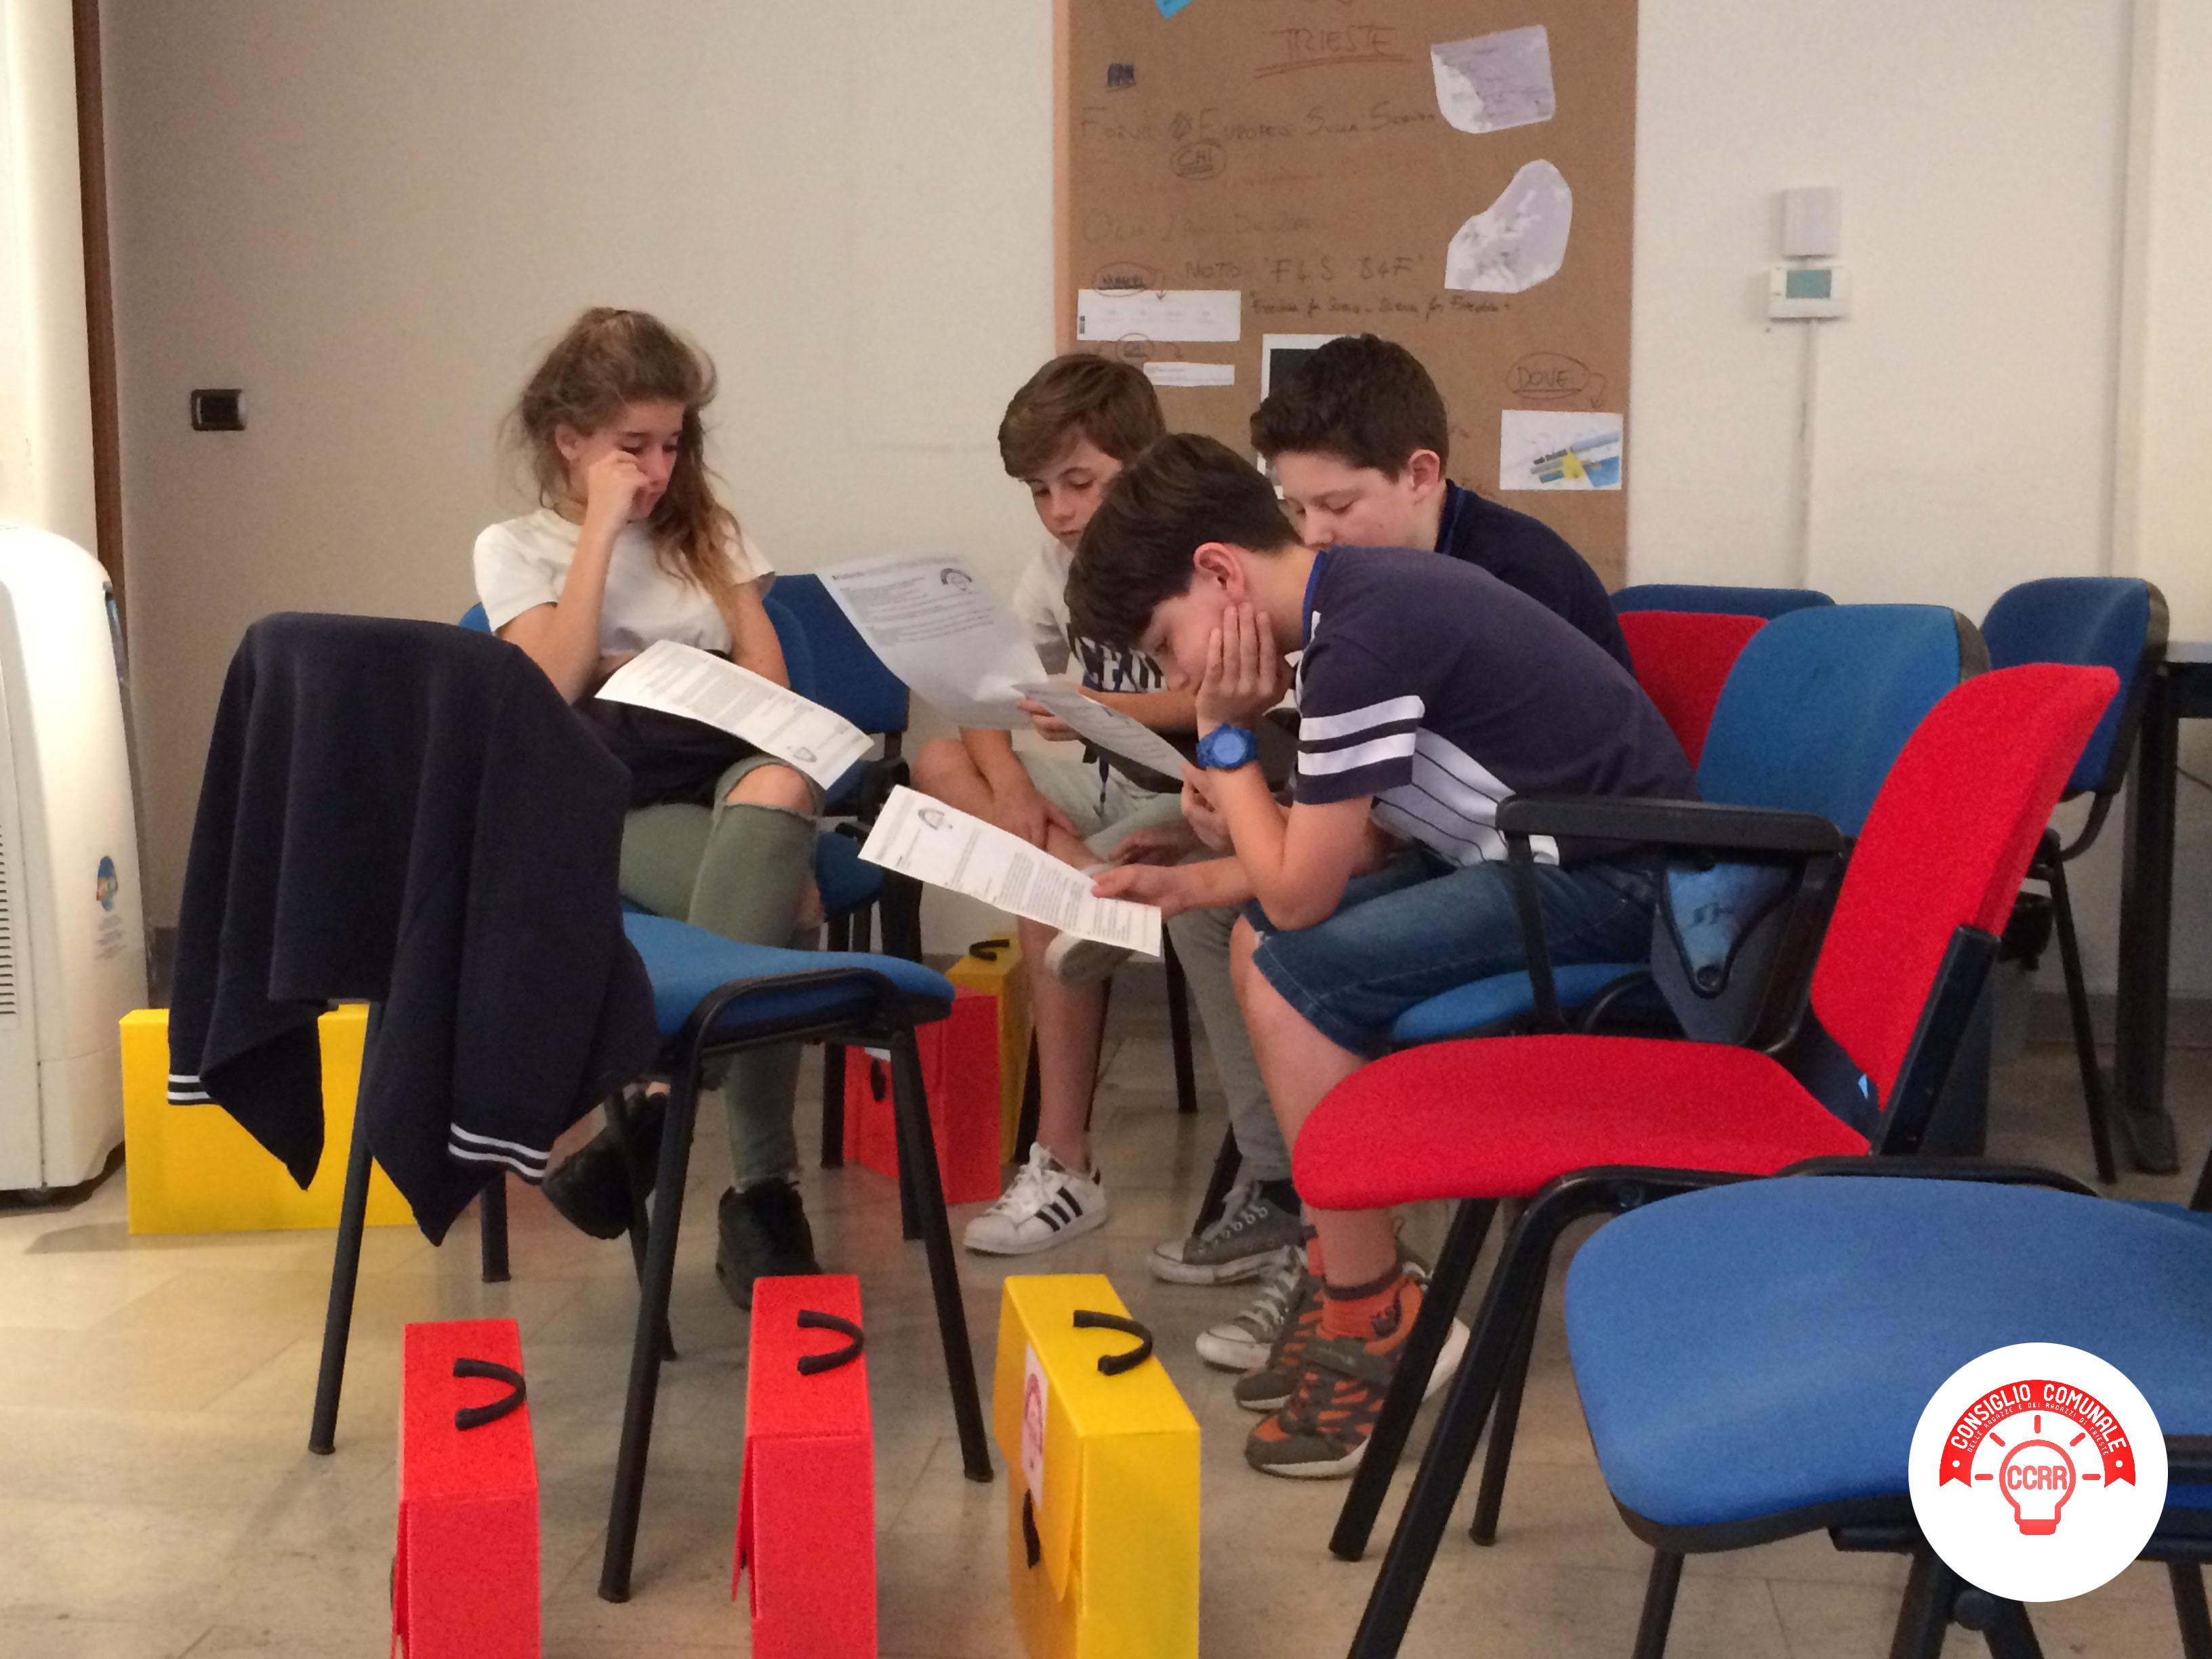 CCRR_settimo incontro_preparazione in gruppi per l'evento finale in Consiglio Comunale 6